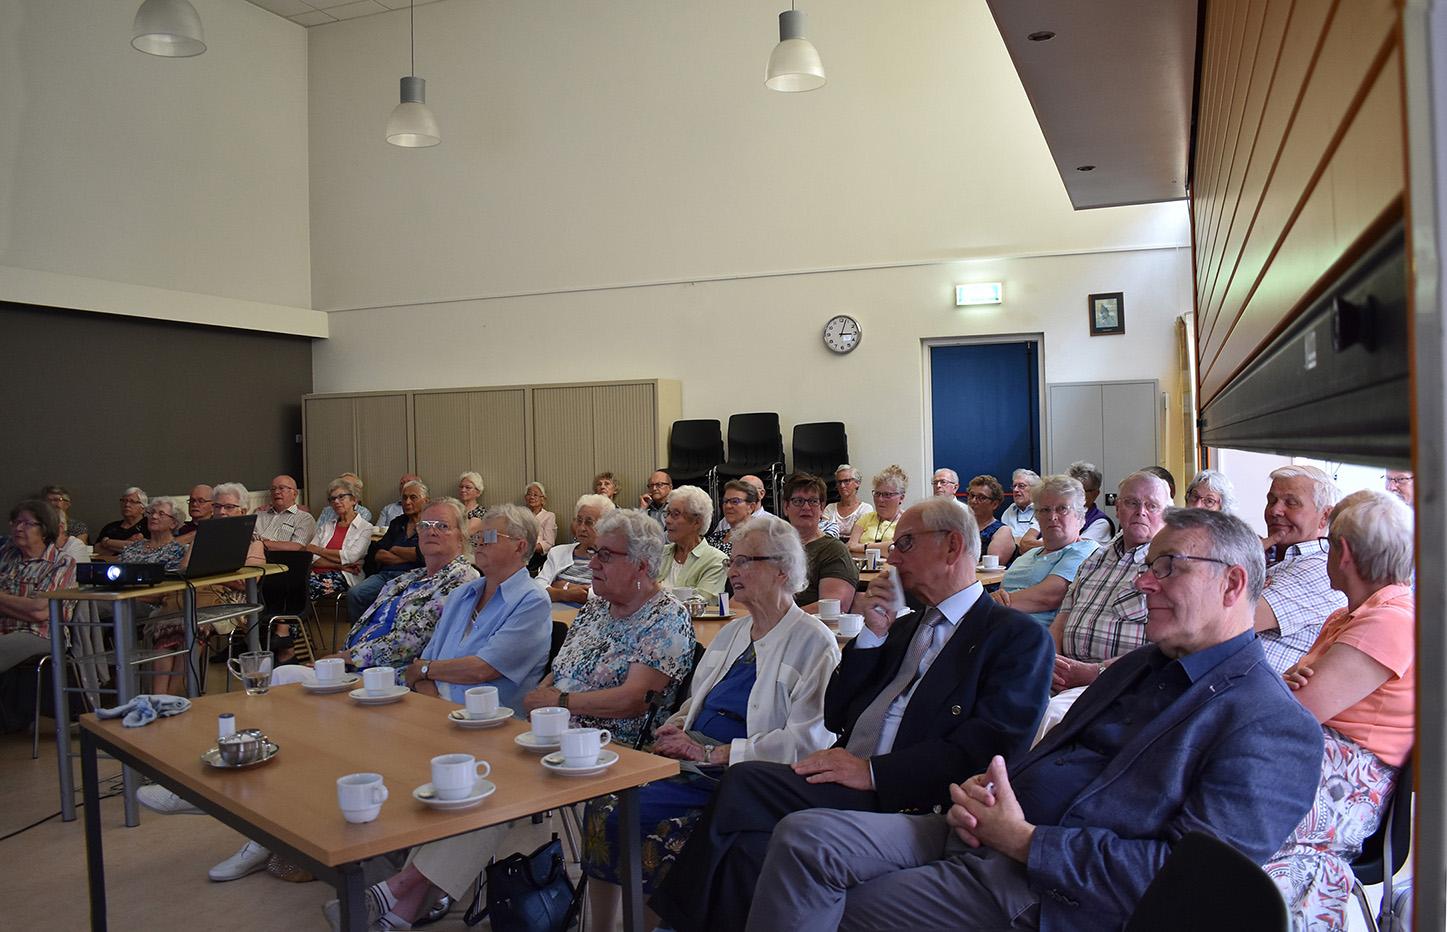 Men kan terugzien op een geslaagde seniorenmiddag in Ede - Foto: ©Fransien Fraanje